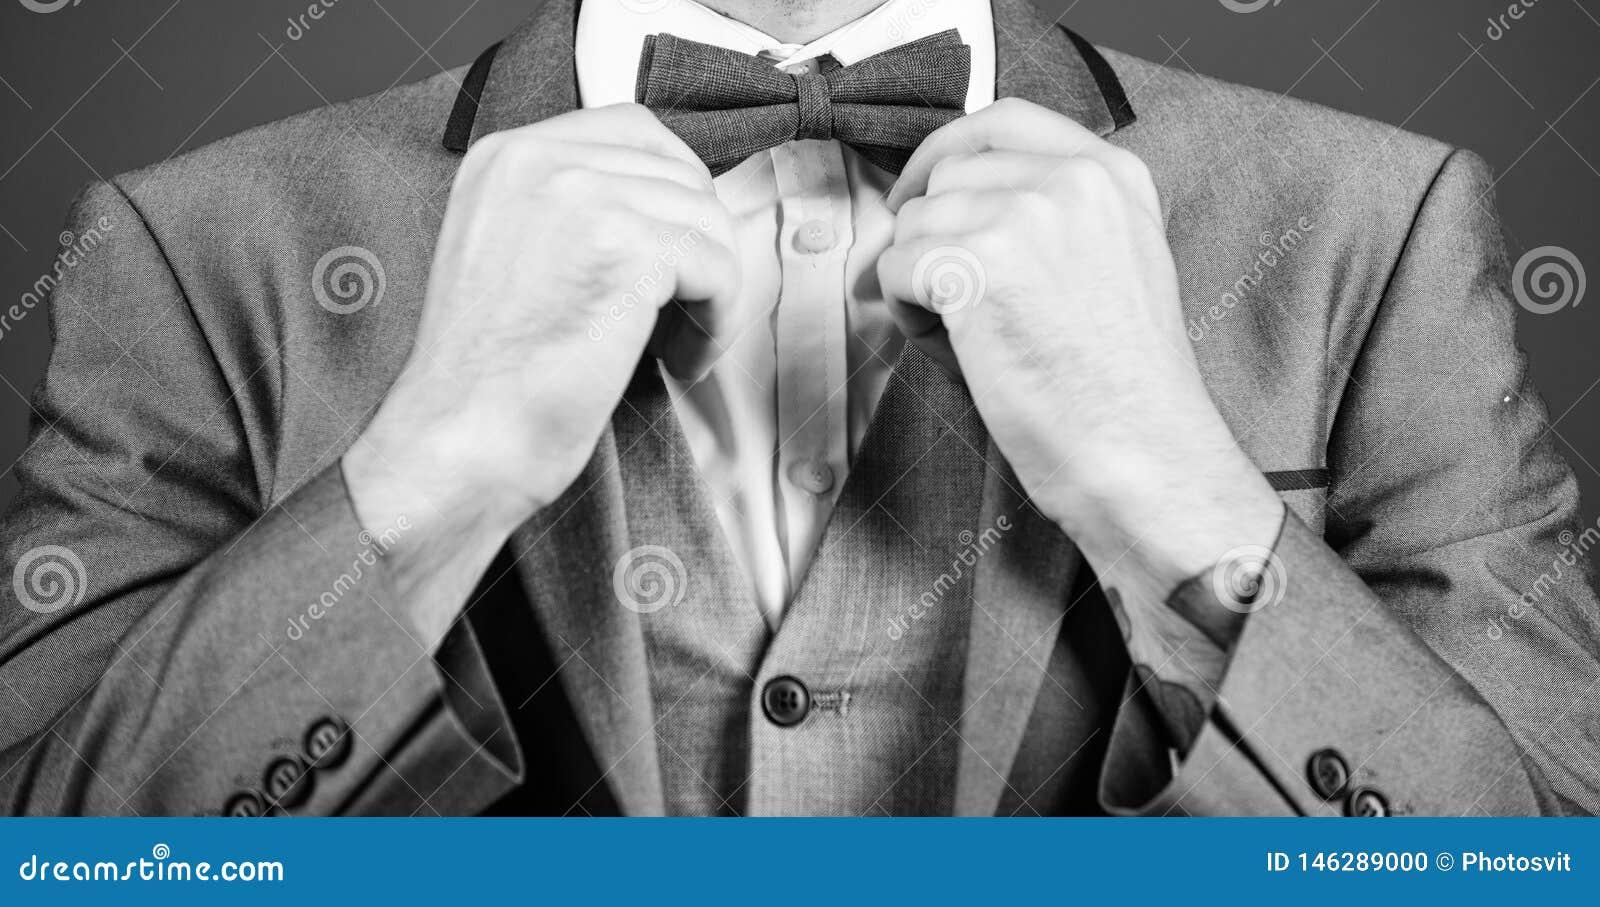 Esthete diretor de arte ? moda la?o do reparo do homem de neg?cios noivo de Bride do ilusionista pronto para o casamento Homem de